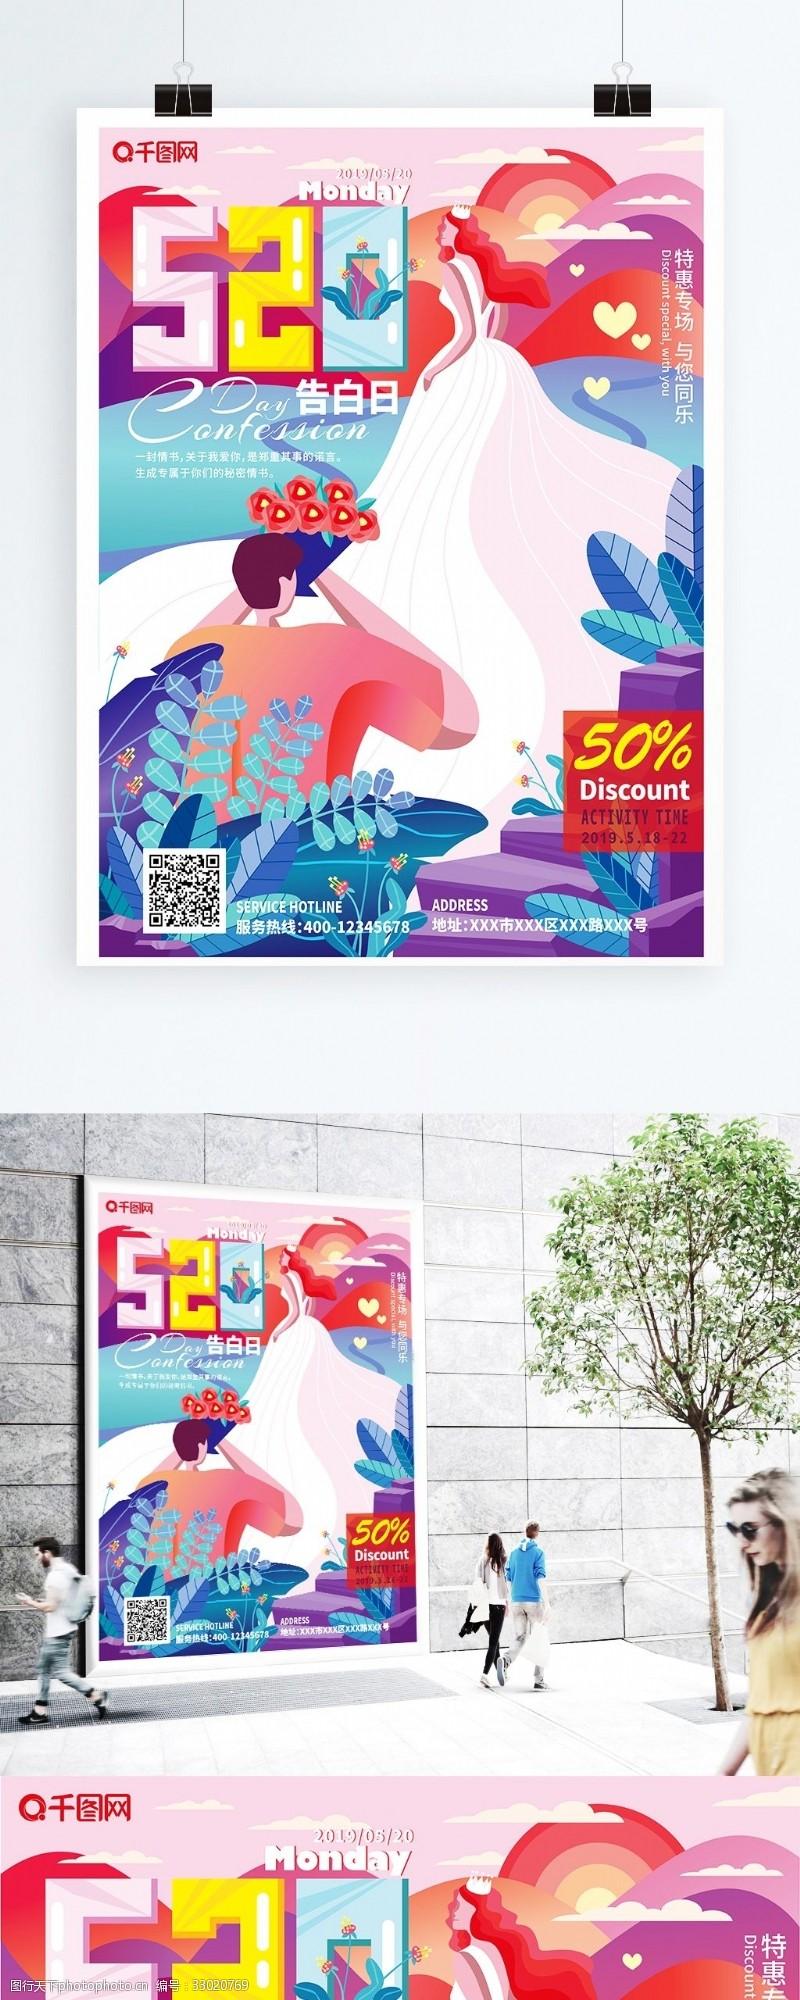 原創手繪浪漫情侶520求愛促銷宣傳單